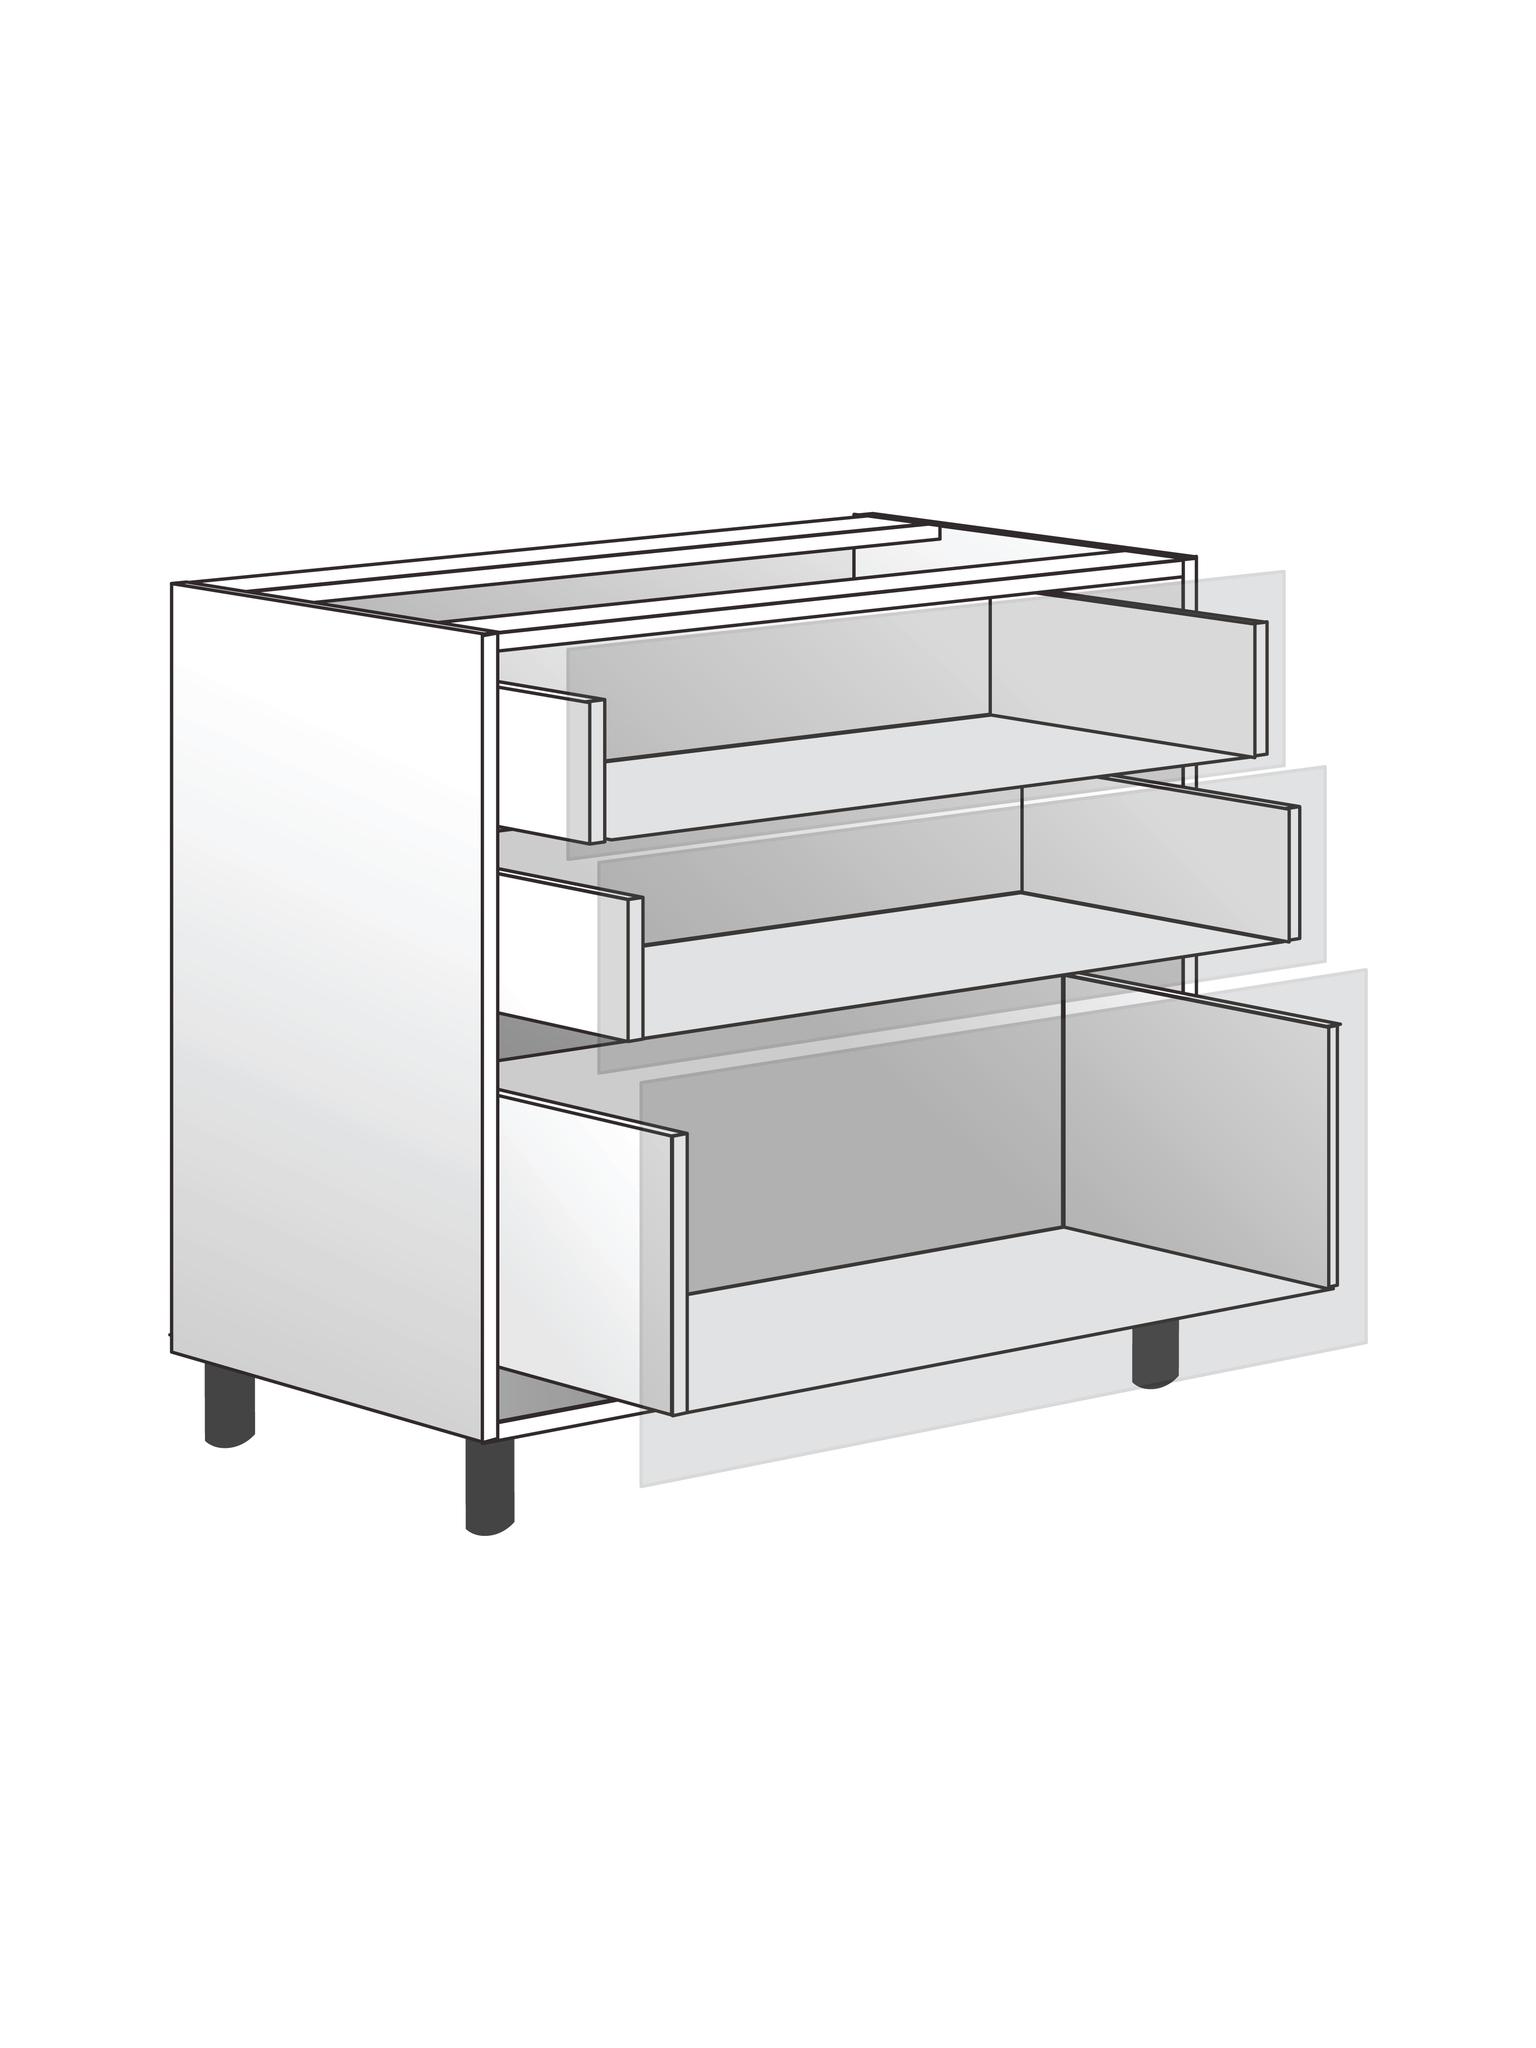 Напольный шкаф 3 ящиками, 720х800 мм